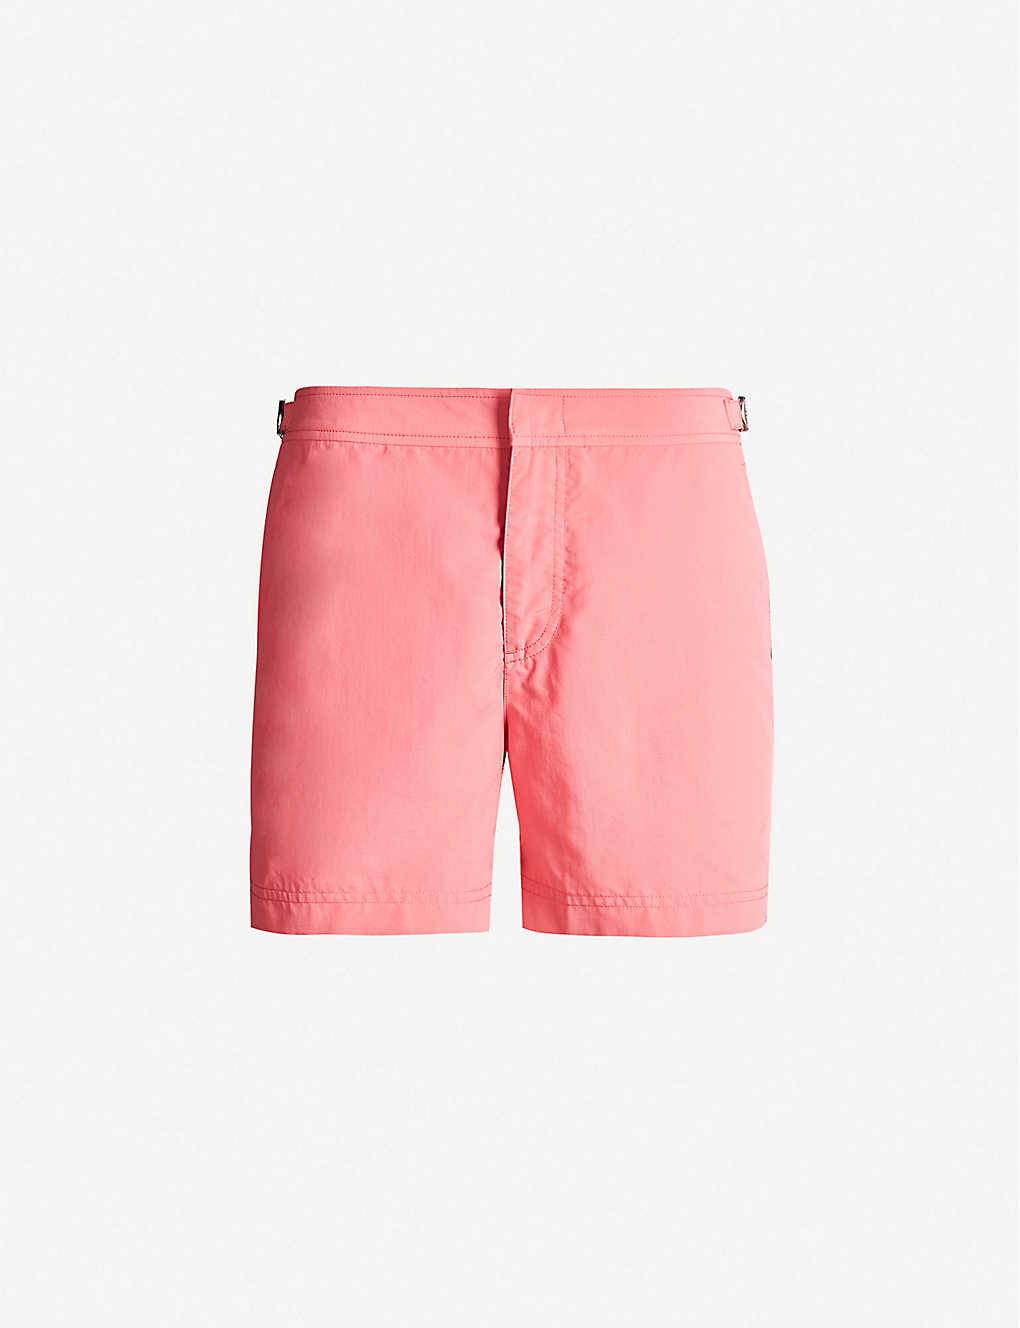 07706d3d4e ORLEBAR BROWN - Setter regular-fit side-stripe swim shorts ...